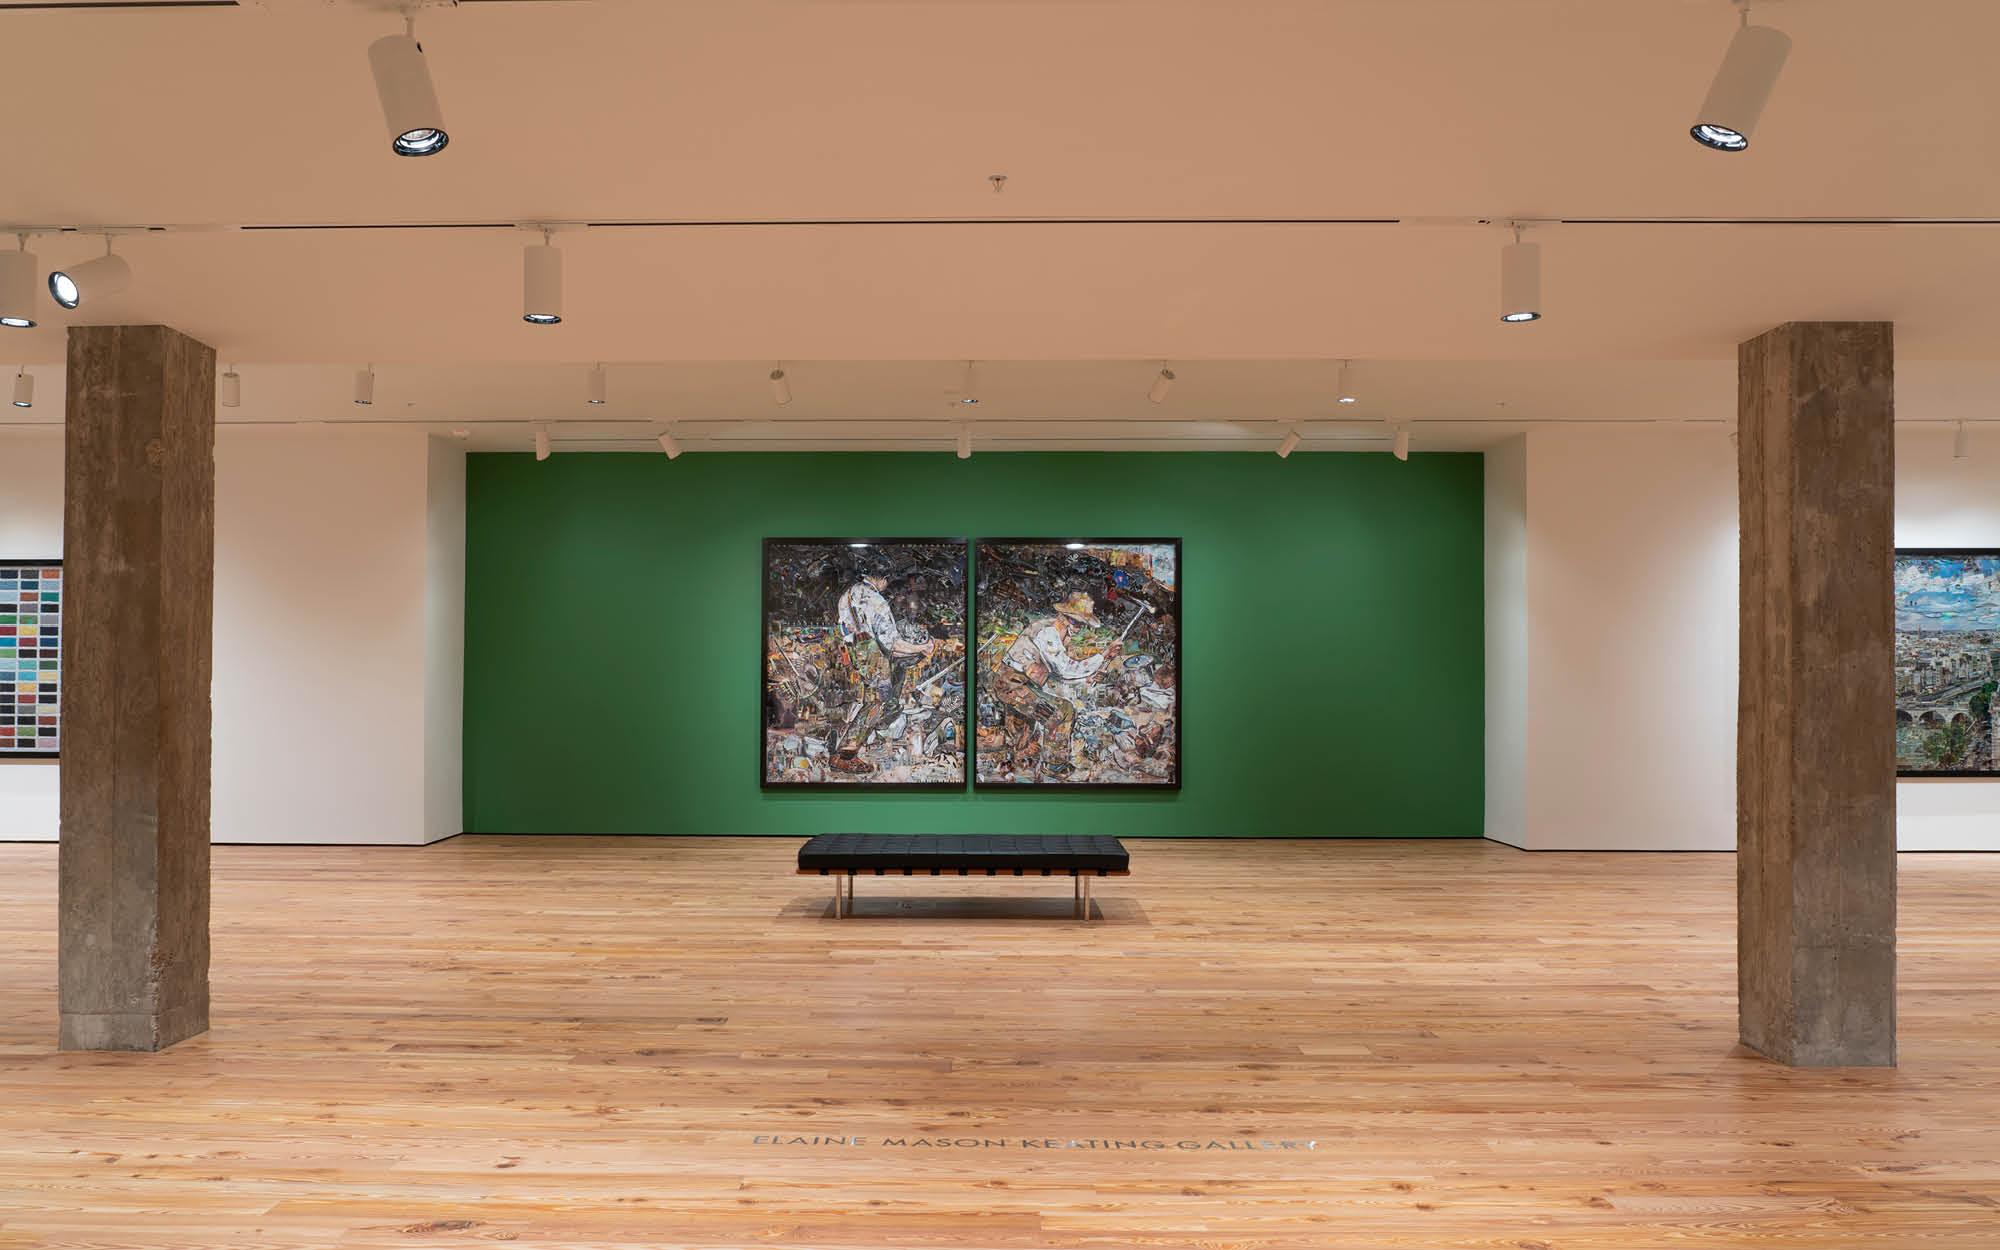 Vik Muniz exhibition, Elaine Mason Keating Gallery